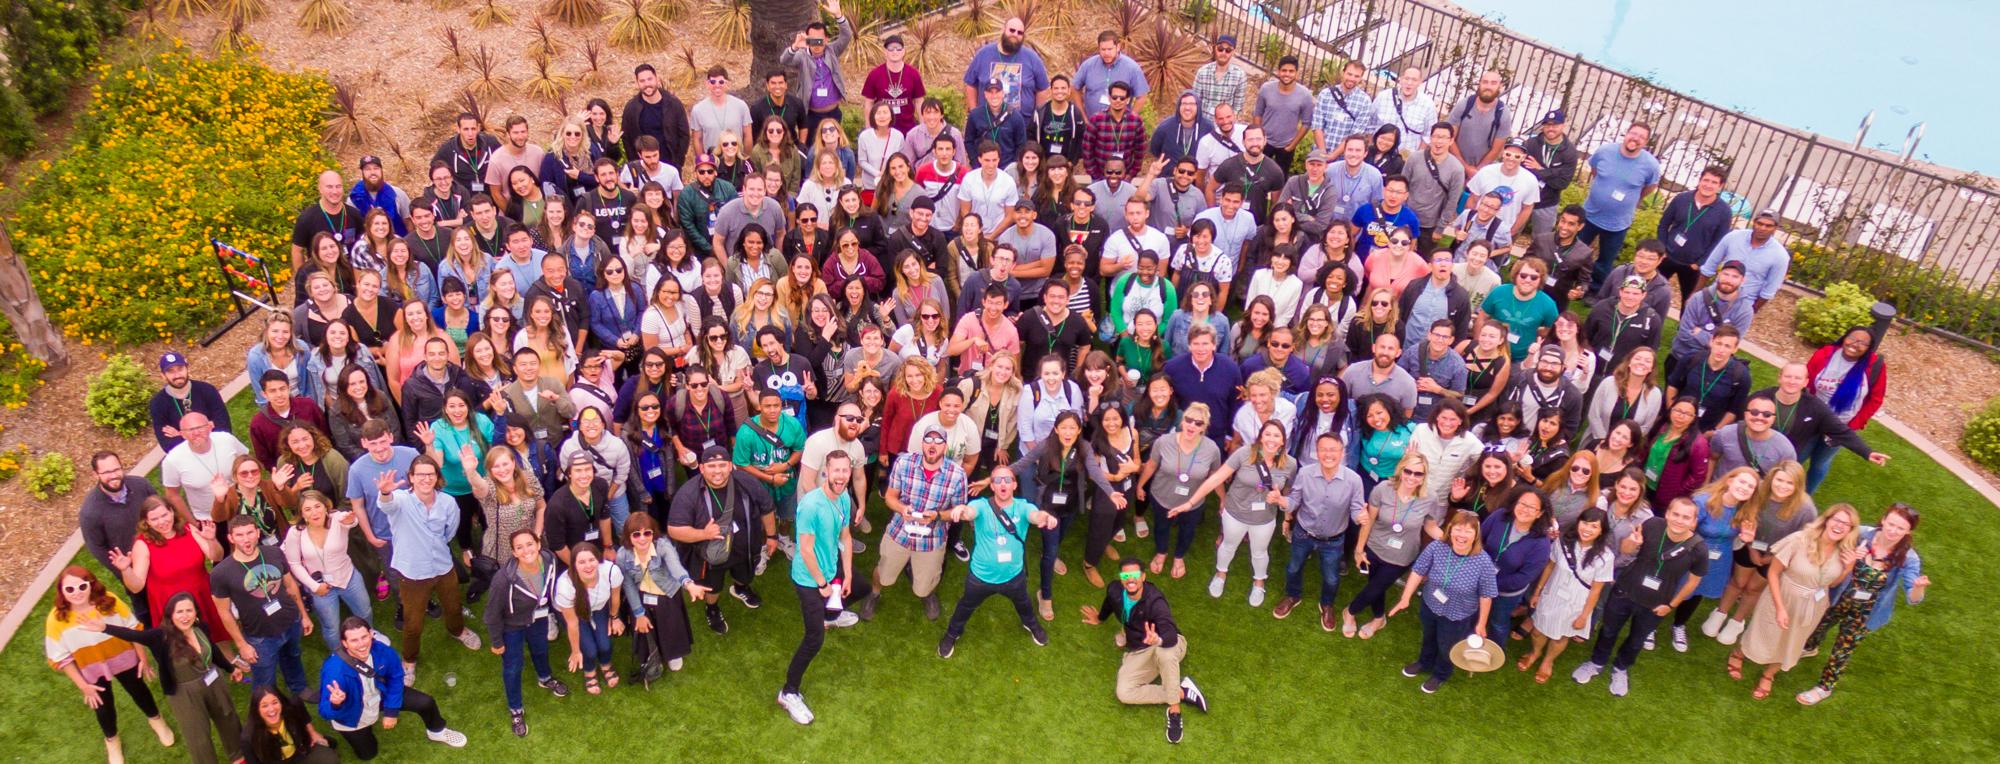 gofundme employee photo shot with drone